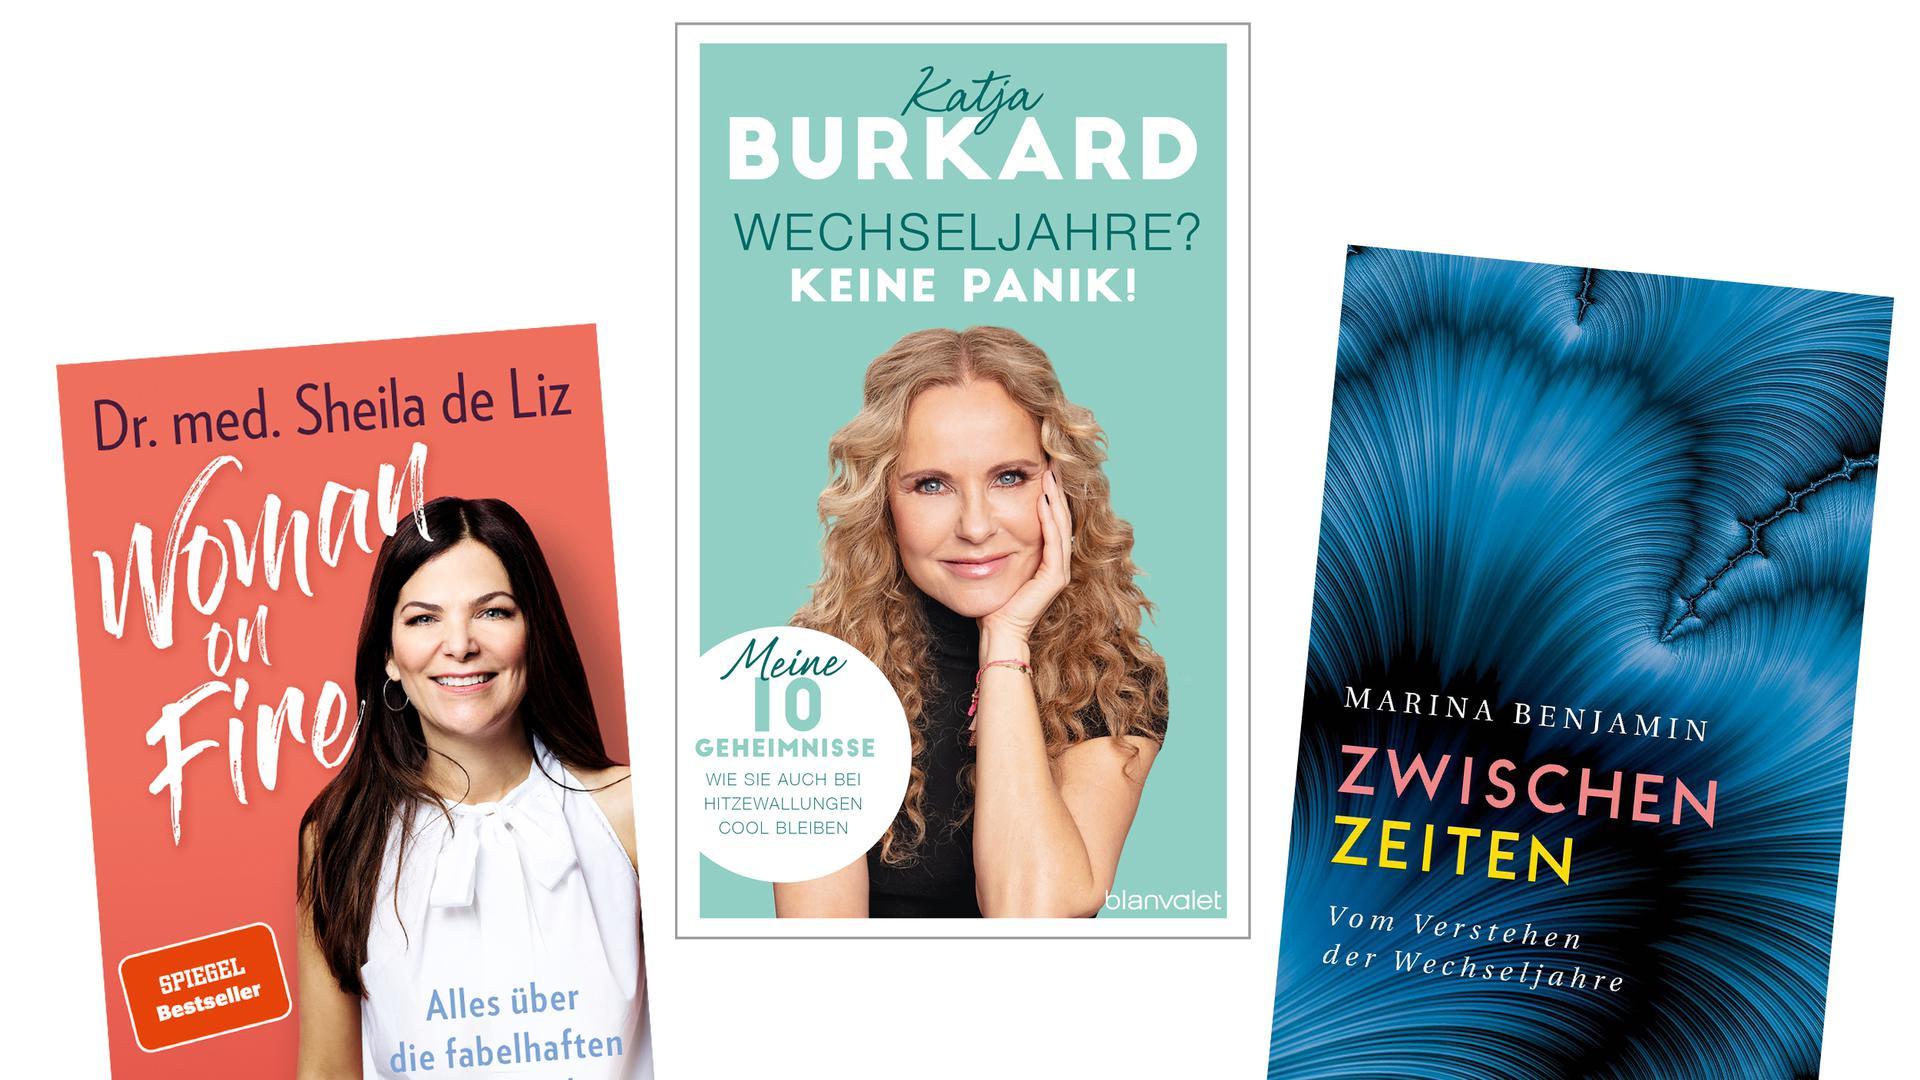 Drei Bücher über die Wechseljahre, die unterschiedlicher kaum sein könnten. Jedes hat seine eigenen Stärken.